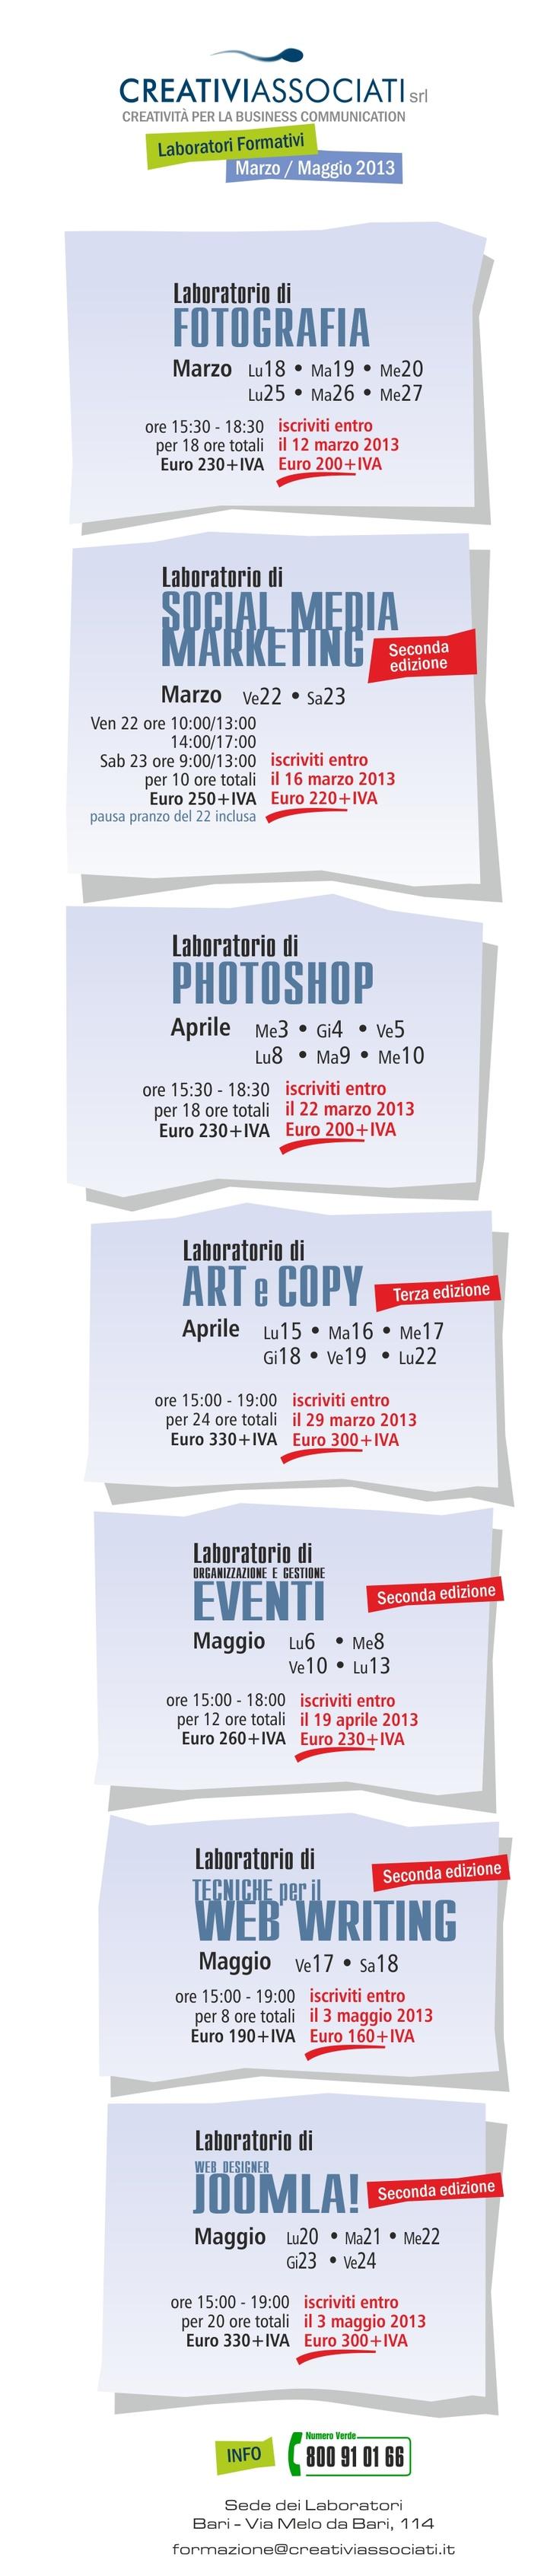 Online il Calendario dei nuovi Laboratori Formativi di #creativiassociati  http://on.fb.me/YBwhcj  #photography #socialmedia #social  #marketing #art #copy #eventi #web #webwriting